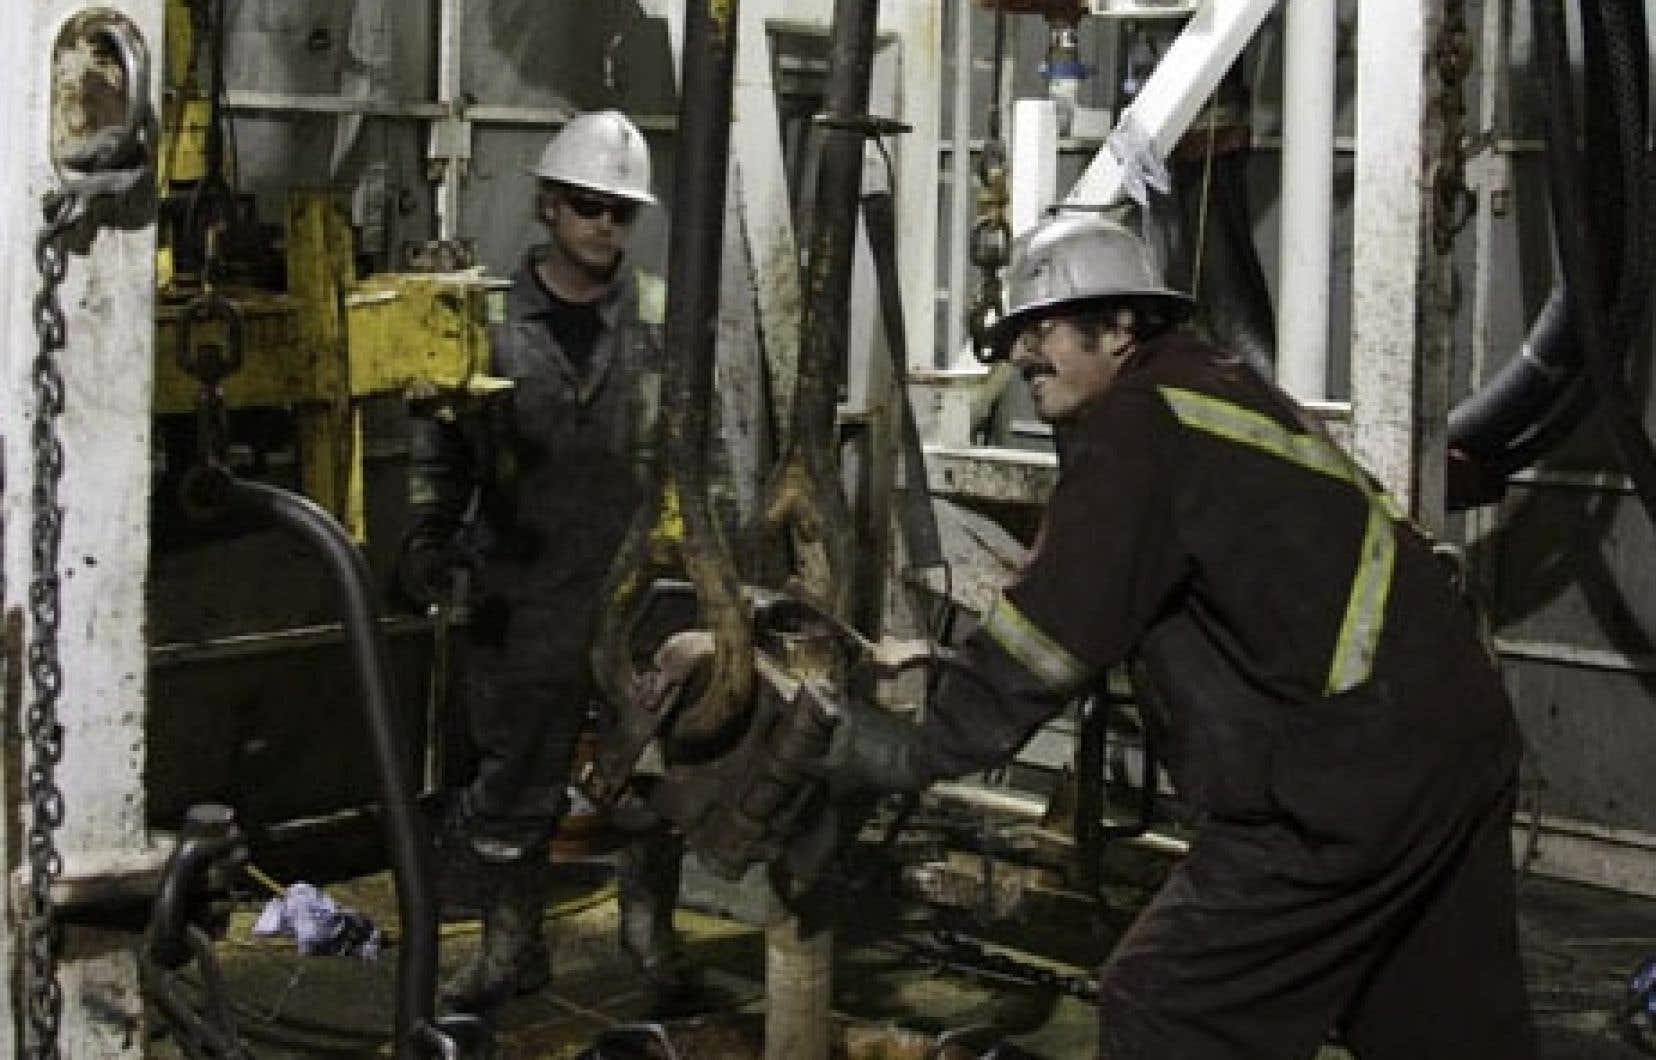 Pétrolia détient depuis l'été 2012 des permis du gouvernement du Québec pour son forage exploratoire à Haldimand 4, mais le conseil municipal de Gaspé a adopté un règlement sur la protection de l'eau potable qui a eu comme effet de forcer Pétrolia à suspendre ses travaux.